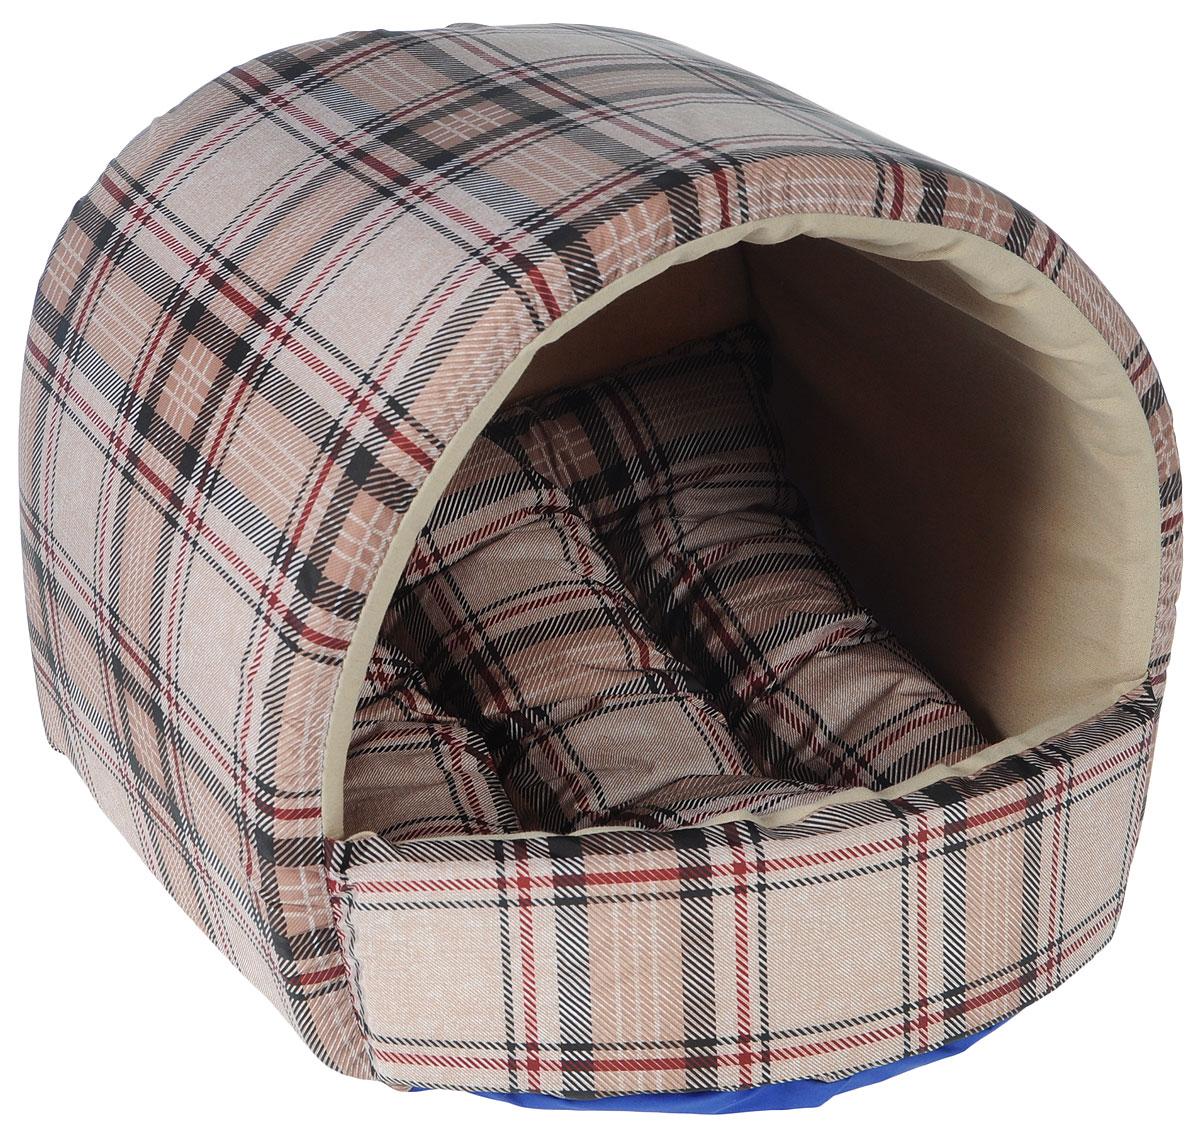 Домик для собак Happy Puppy Классик, 37 x 37 x 40 смHP-170005Домик для собак Happy Puppy Классик обязательно понравится вашему питомцу. Он выполнен из высококачественного хлопка и полиэстера с водоотталкивающей пропиткой. Съемная подстилка с наполнителем из холлофайбера. Такой материал не теряет своей формы долгое время. Домик очень удобный и уютный. Ваш любимец сразу же захочет забраться внутрь, там он сможет отдохнуть и спрятаться. Компактные размеры позволят поместить домик, где угодно, а приятная цветовая гамма сделает его оригинальным дополнением к любому интерьеру. Размер подстилки: 37 х 37 х 5 см, Размер домика: 37 х 37 х 40 см, Внутренняя высота домика (с учетом подстилки): 27 см. Толщина стенки: 3 см.